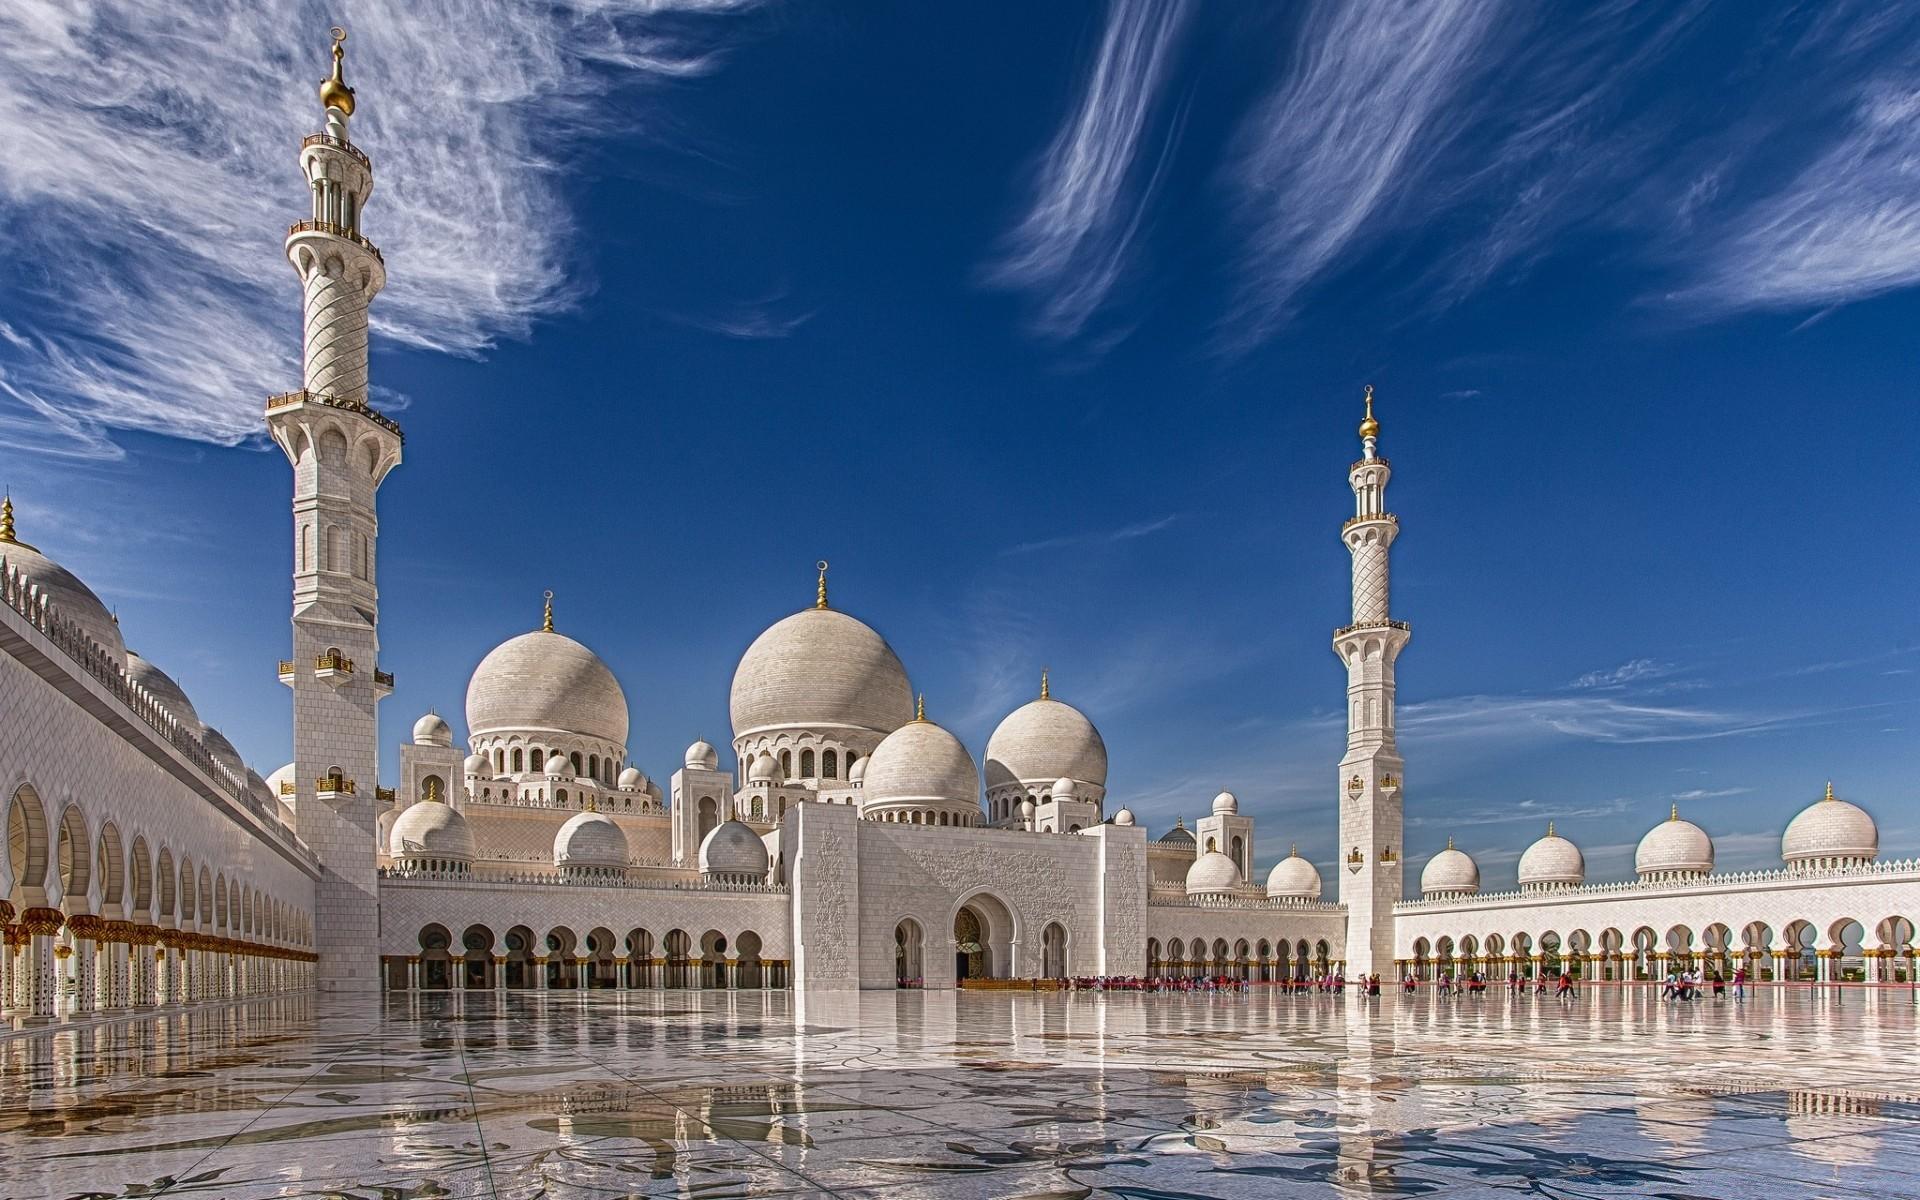 вкусный салат фото мечетей на обои приветствовать